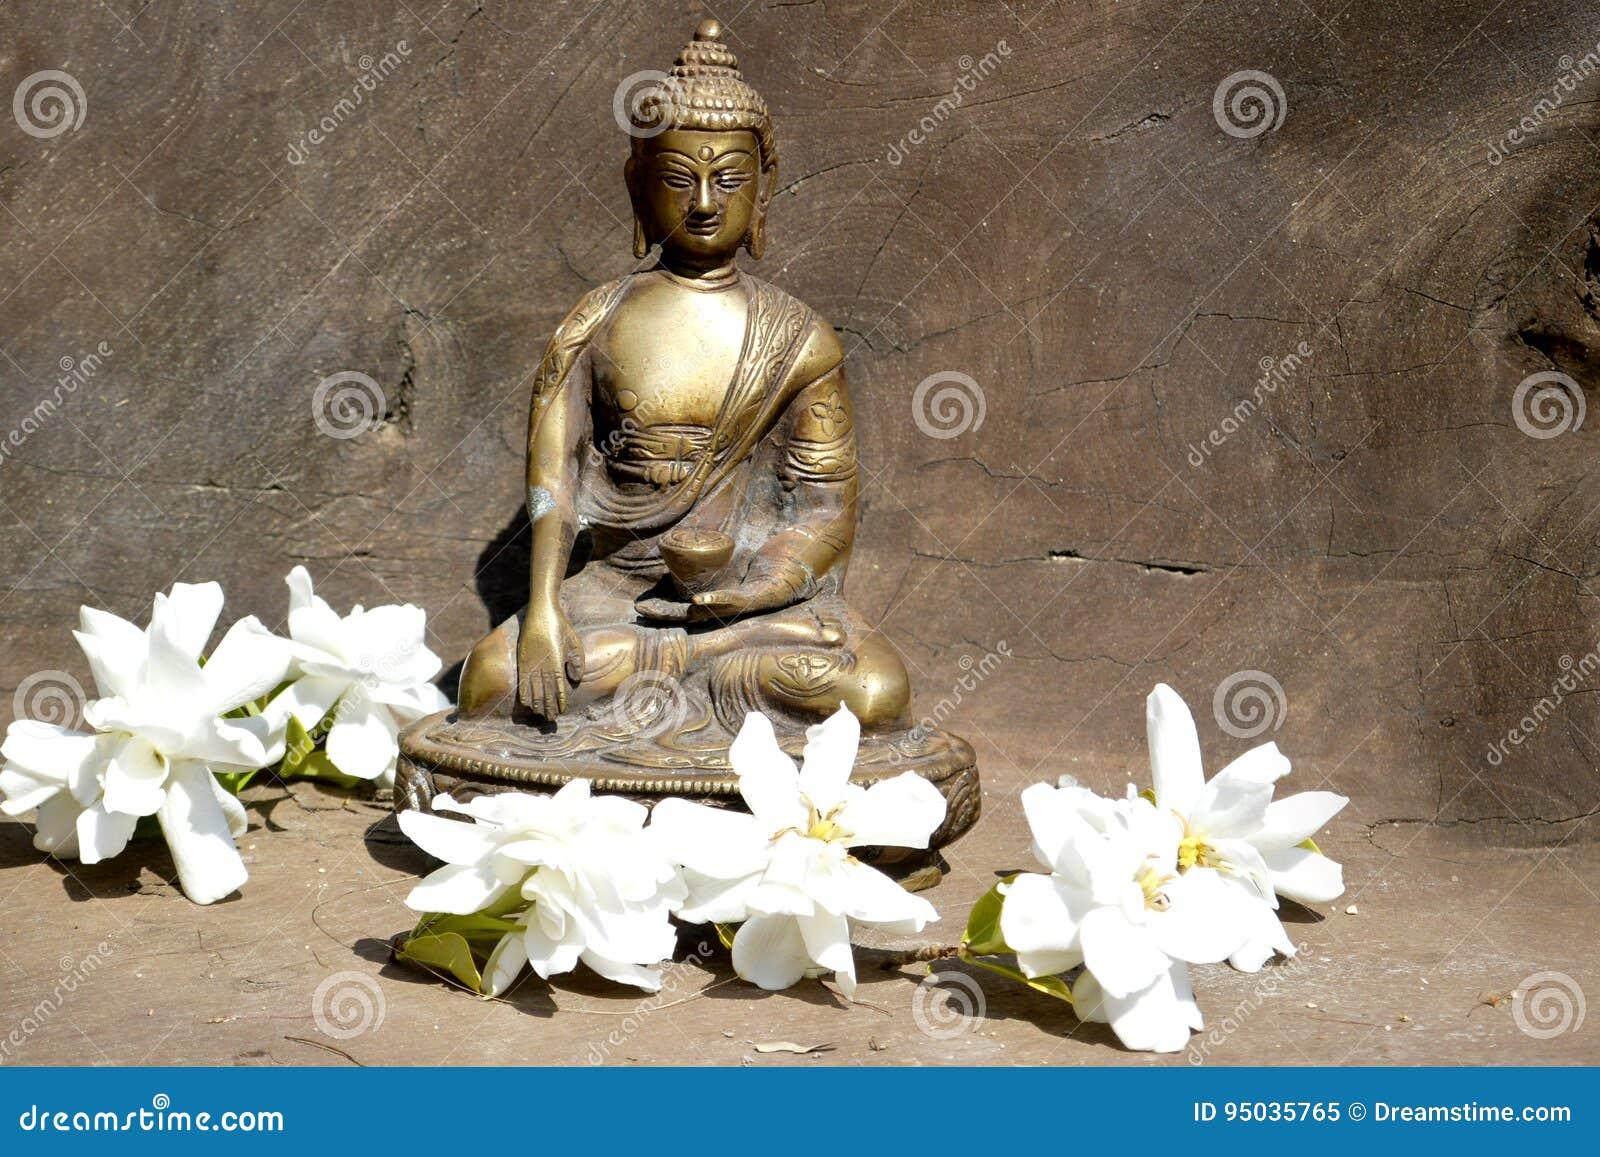 Brązowa statua macanie ziemia Buddha na drewnie z białymi kwiatami